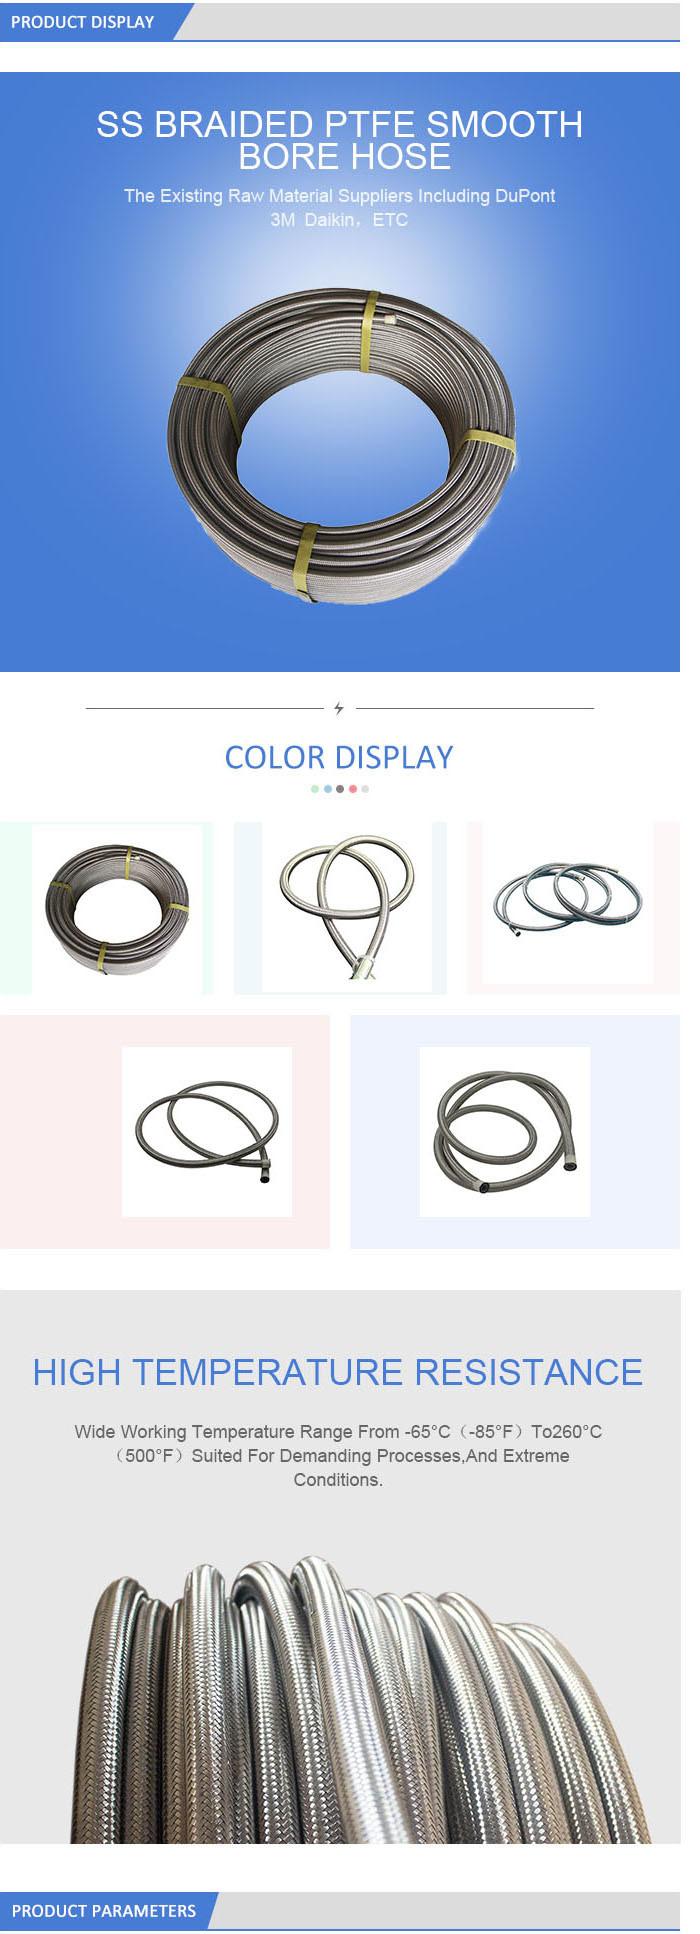 Industria Steel Wire Reinforced Hose Stainless Steel Flexible Hose